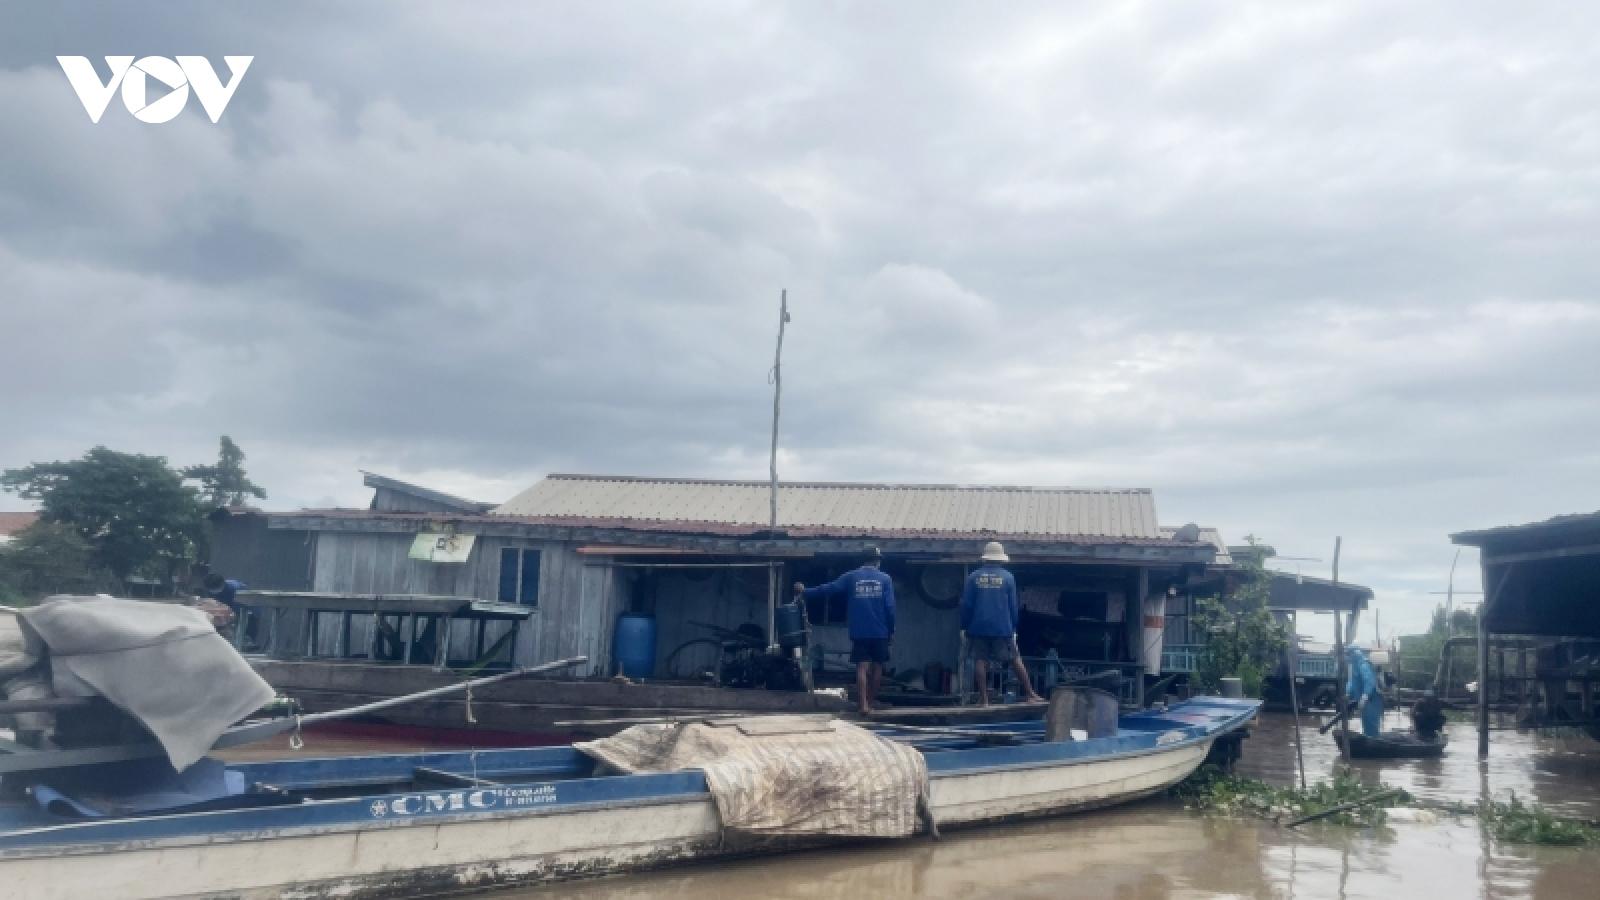 Di dời 73 nhà nổi trên sông Hậu để phòng, chống dịch Covid-19